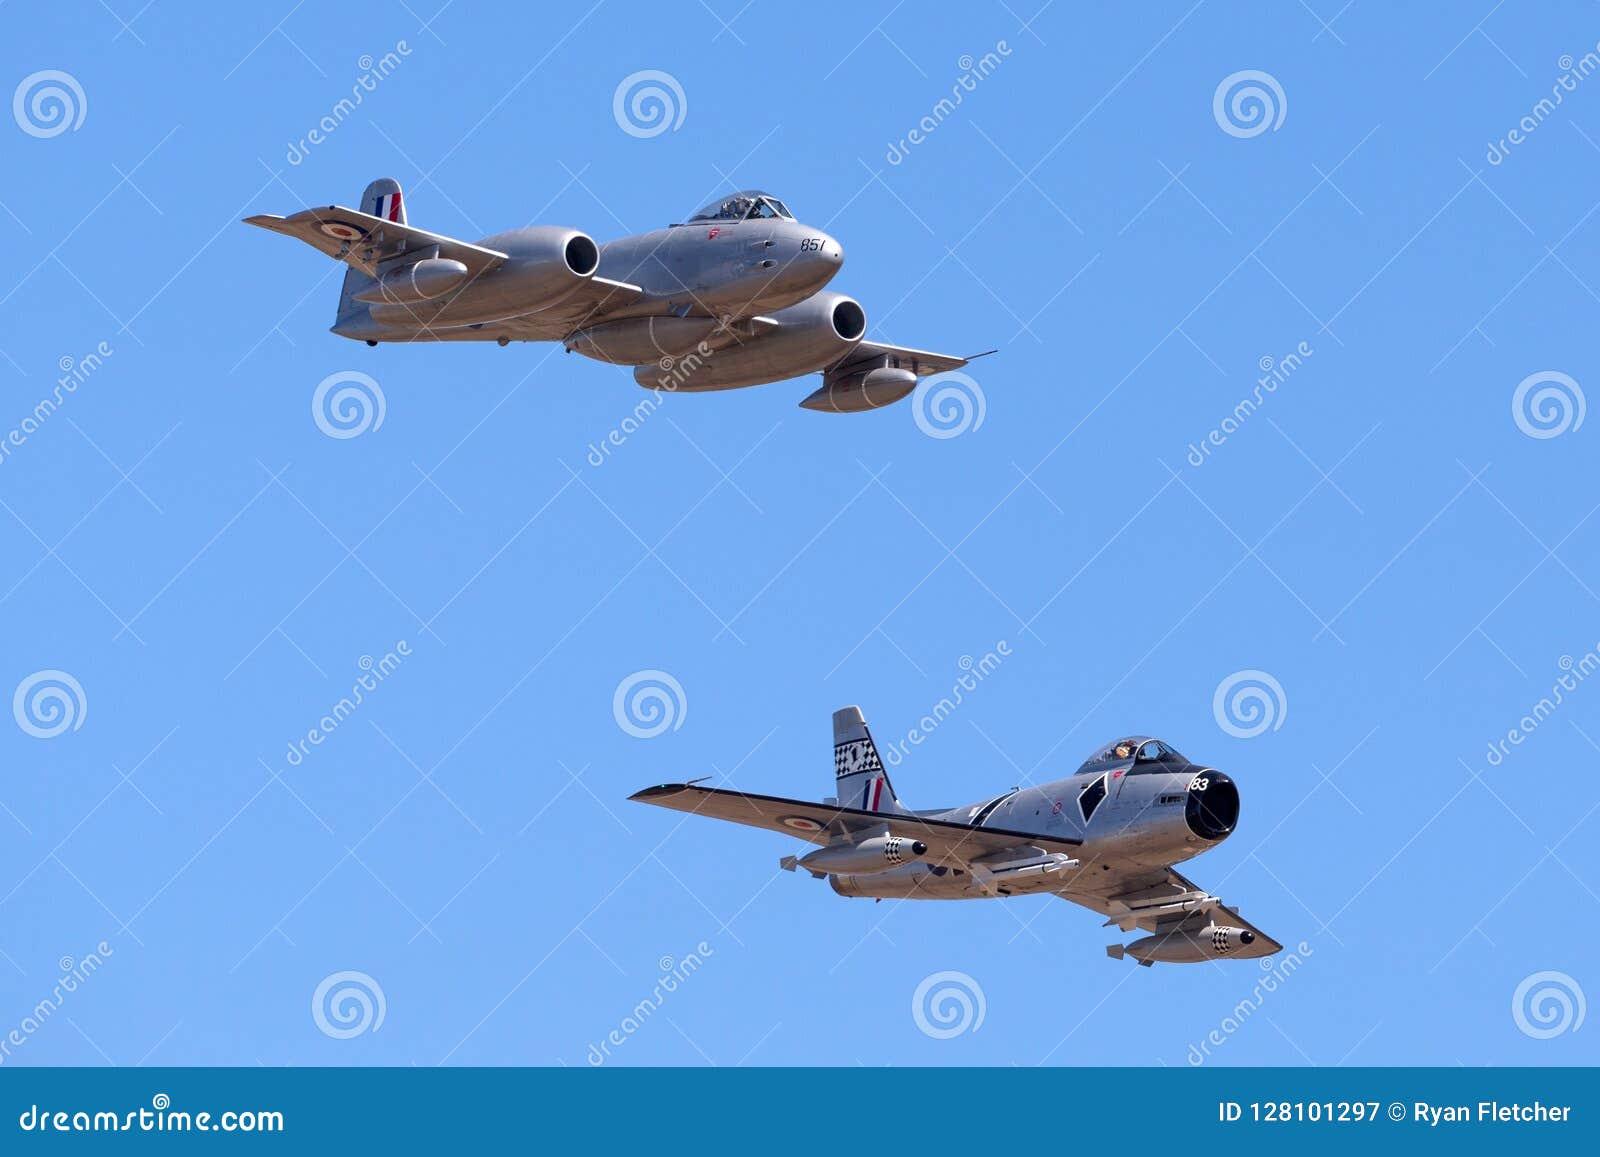 Meteora F di Gloster 8 aerei VH-MBX che conducono una sciabola F-86 nordamericano di CAC CA-27 nella formazione